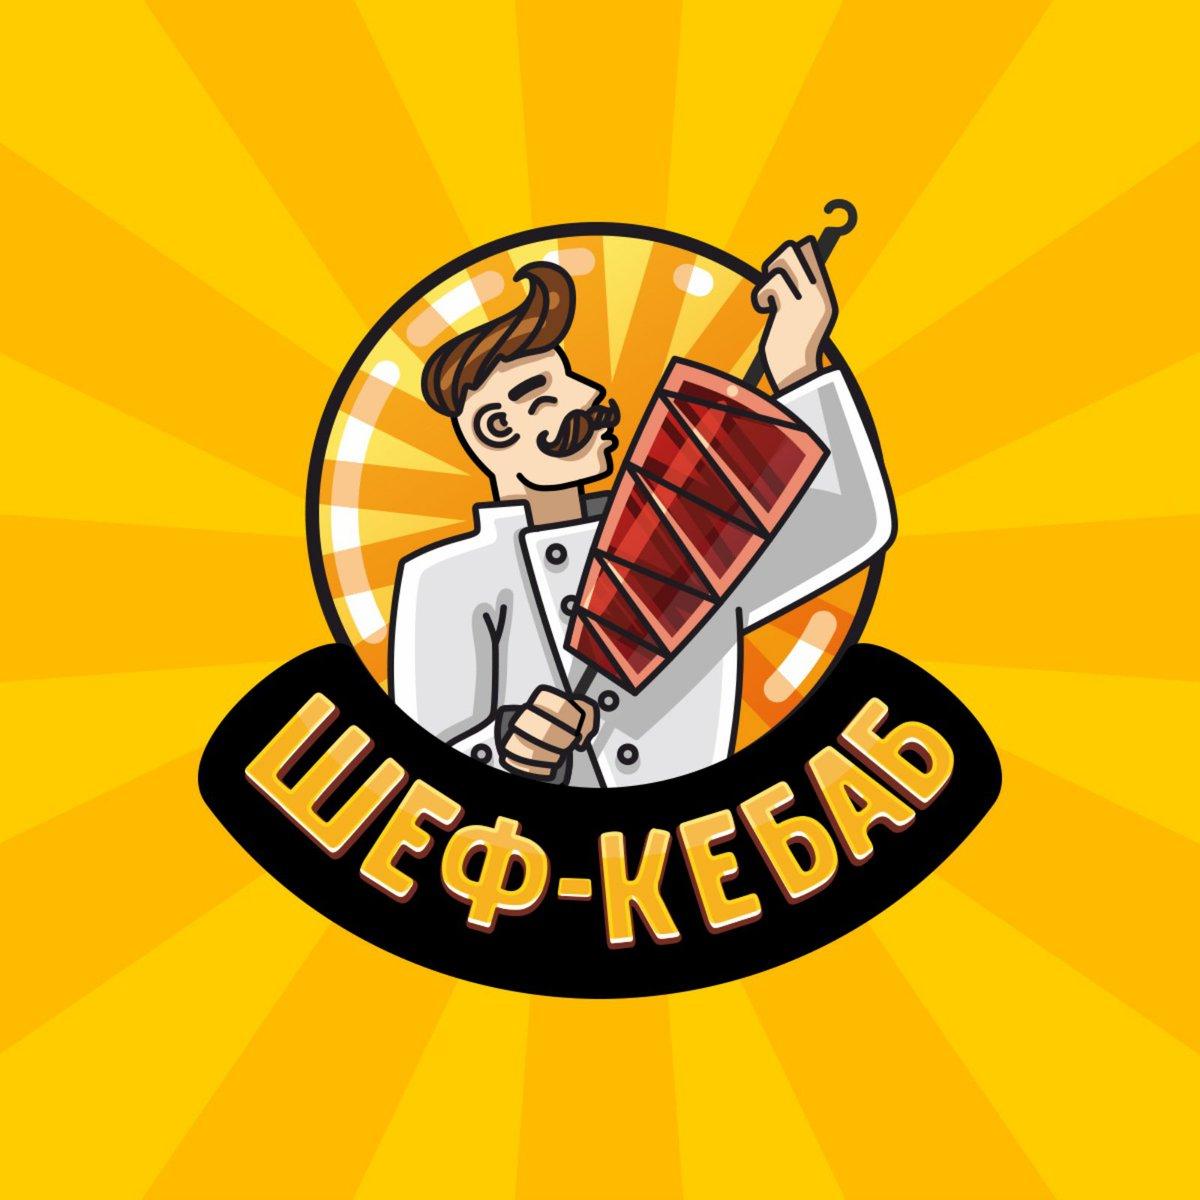 """Классический кебаб + напиток от 6 руб. в кафе """"Шеф-кебаб"""" в Бресте"""